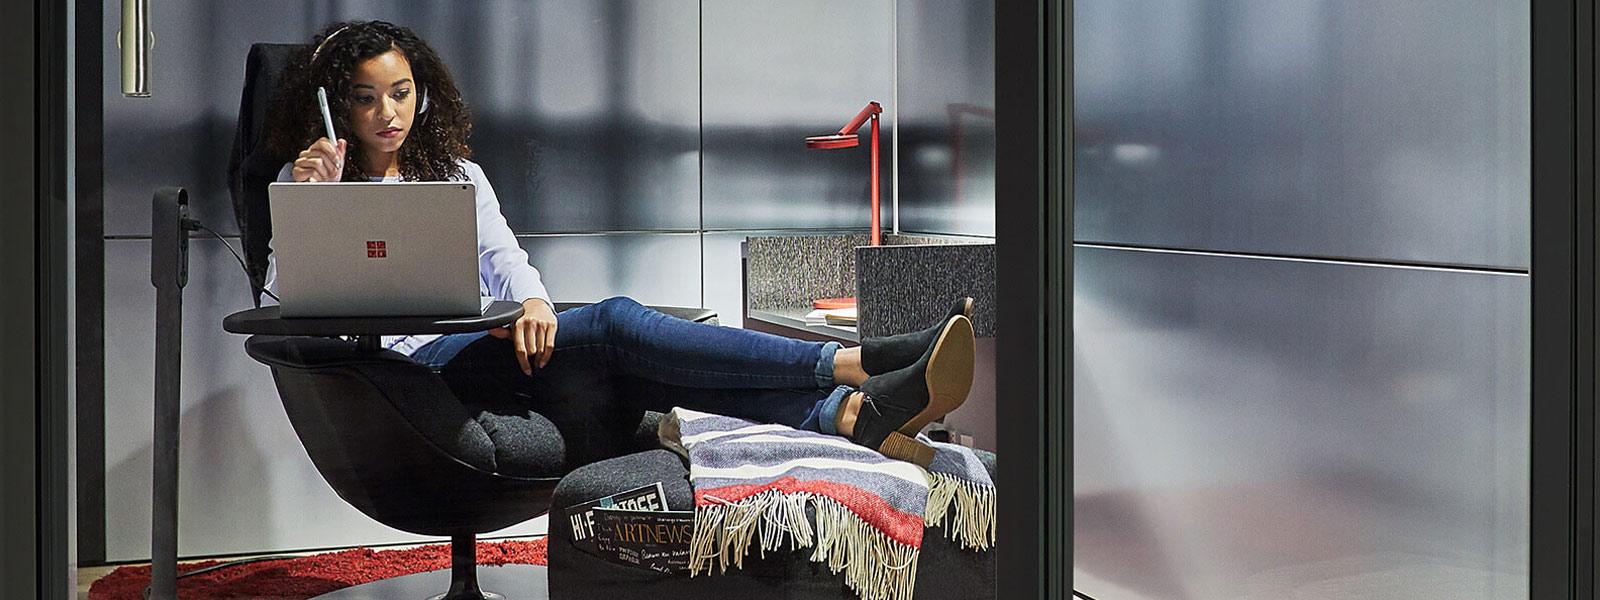 Femme assise à un espace Steelcase, tenant un stylet Surface et regardant un SurfaceBook.